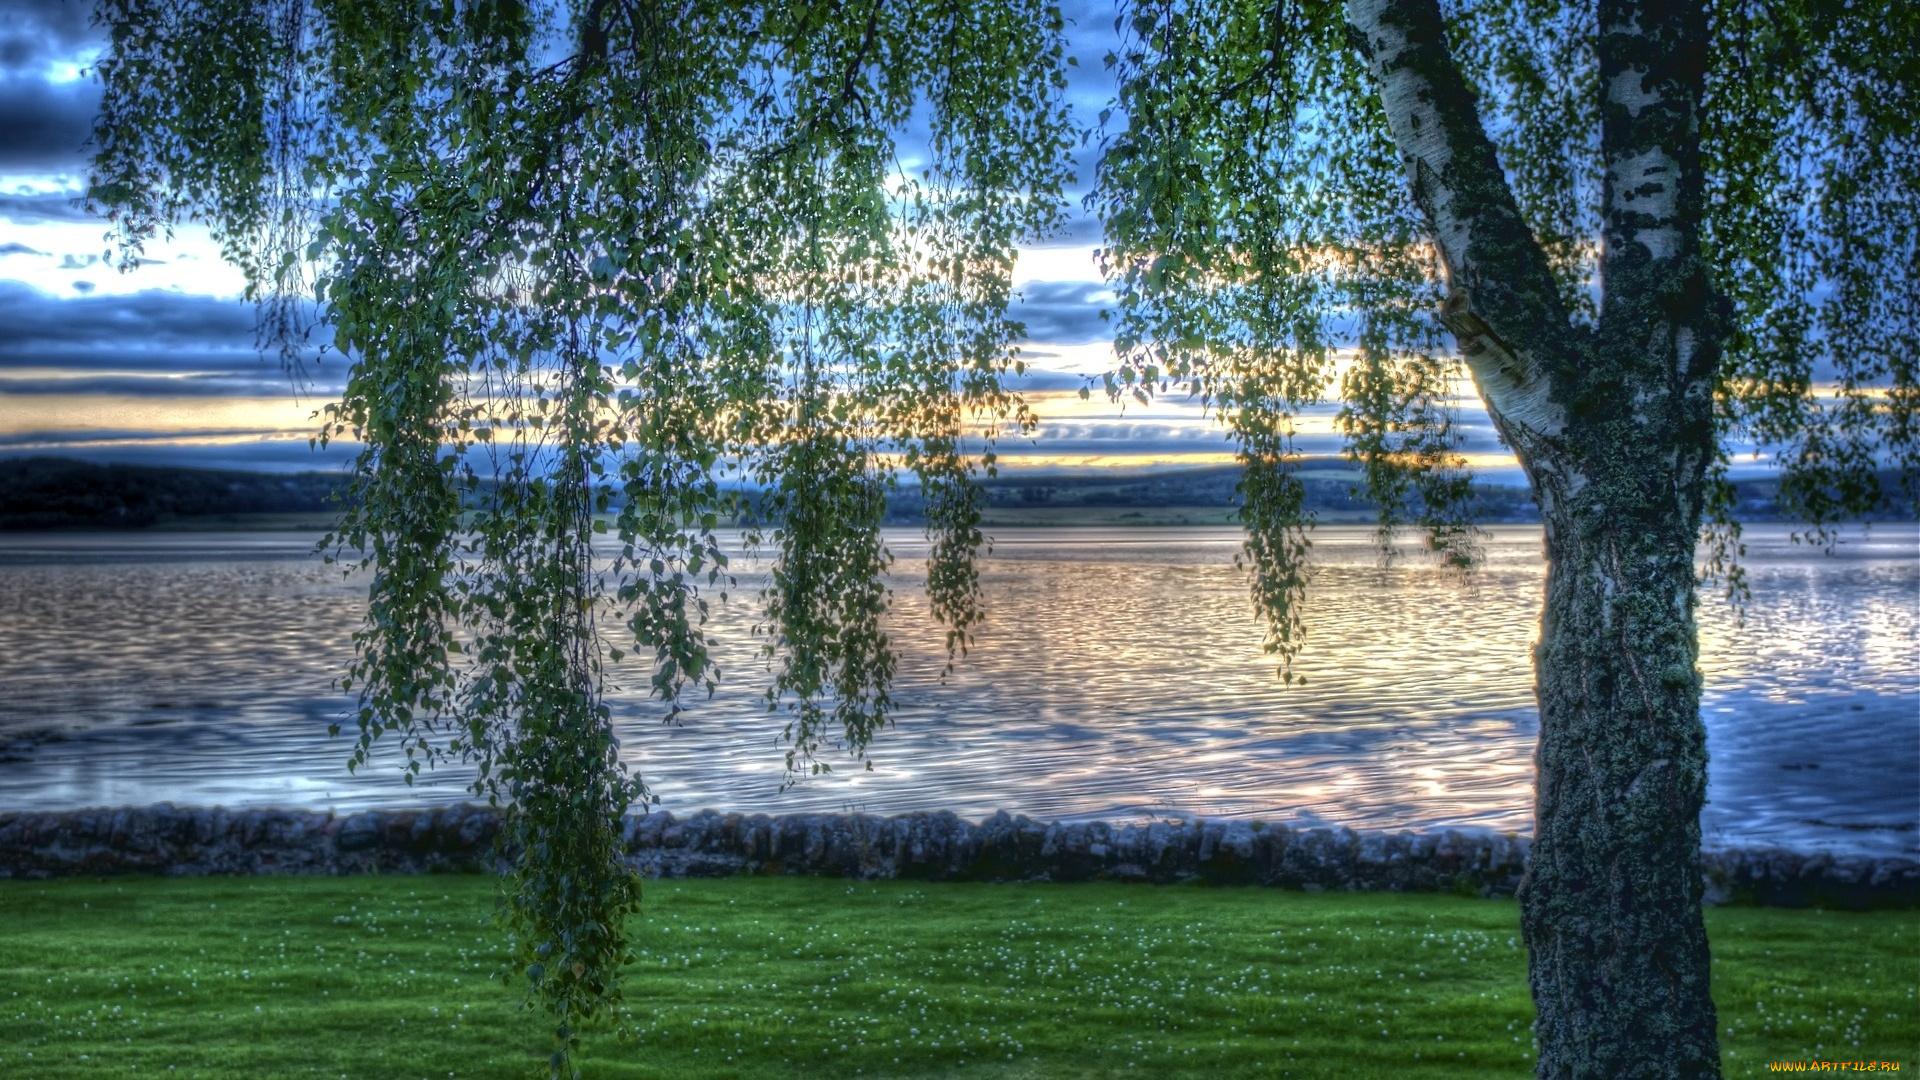 природа береза деревья вода озеро лес  № 2791979 бесплатно